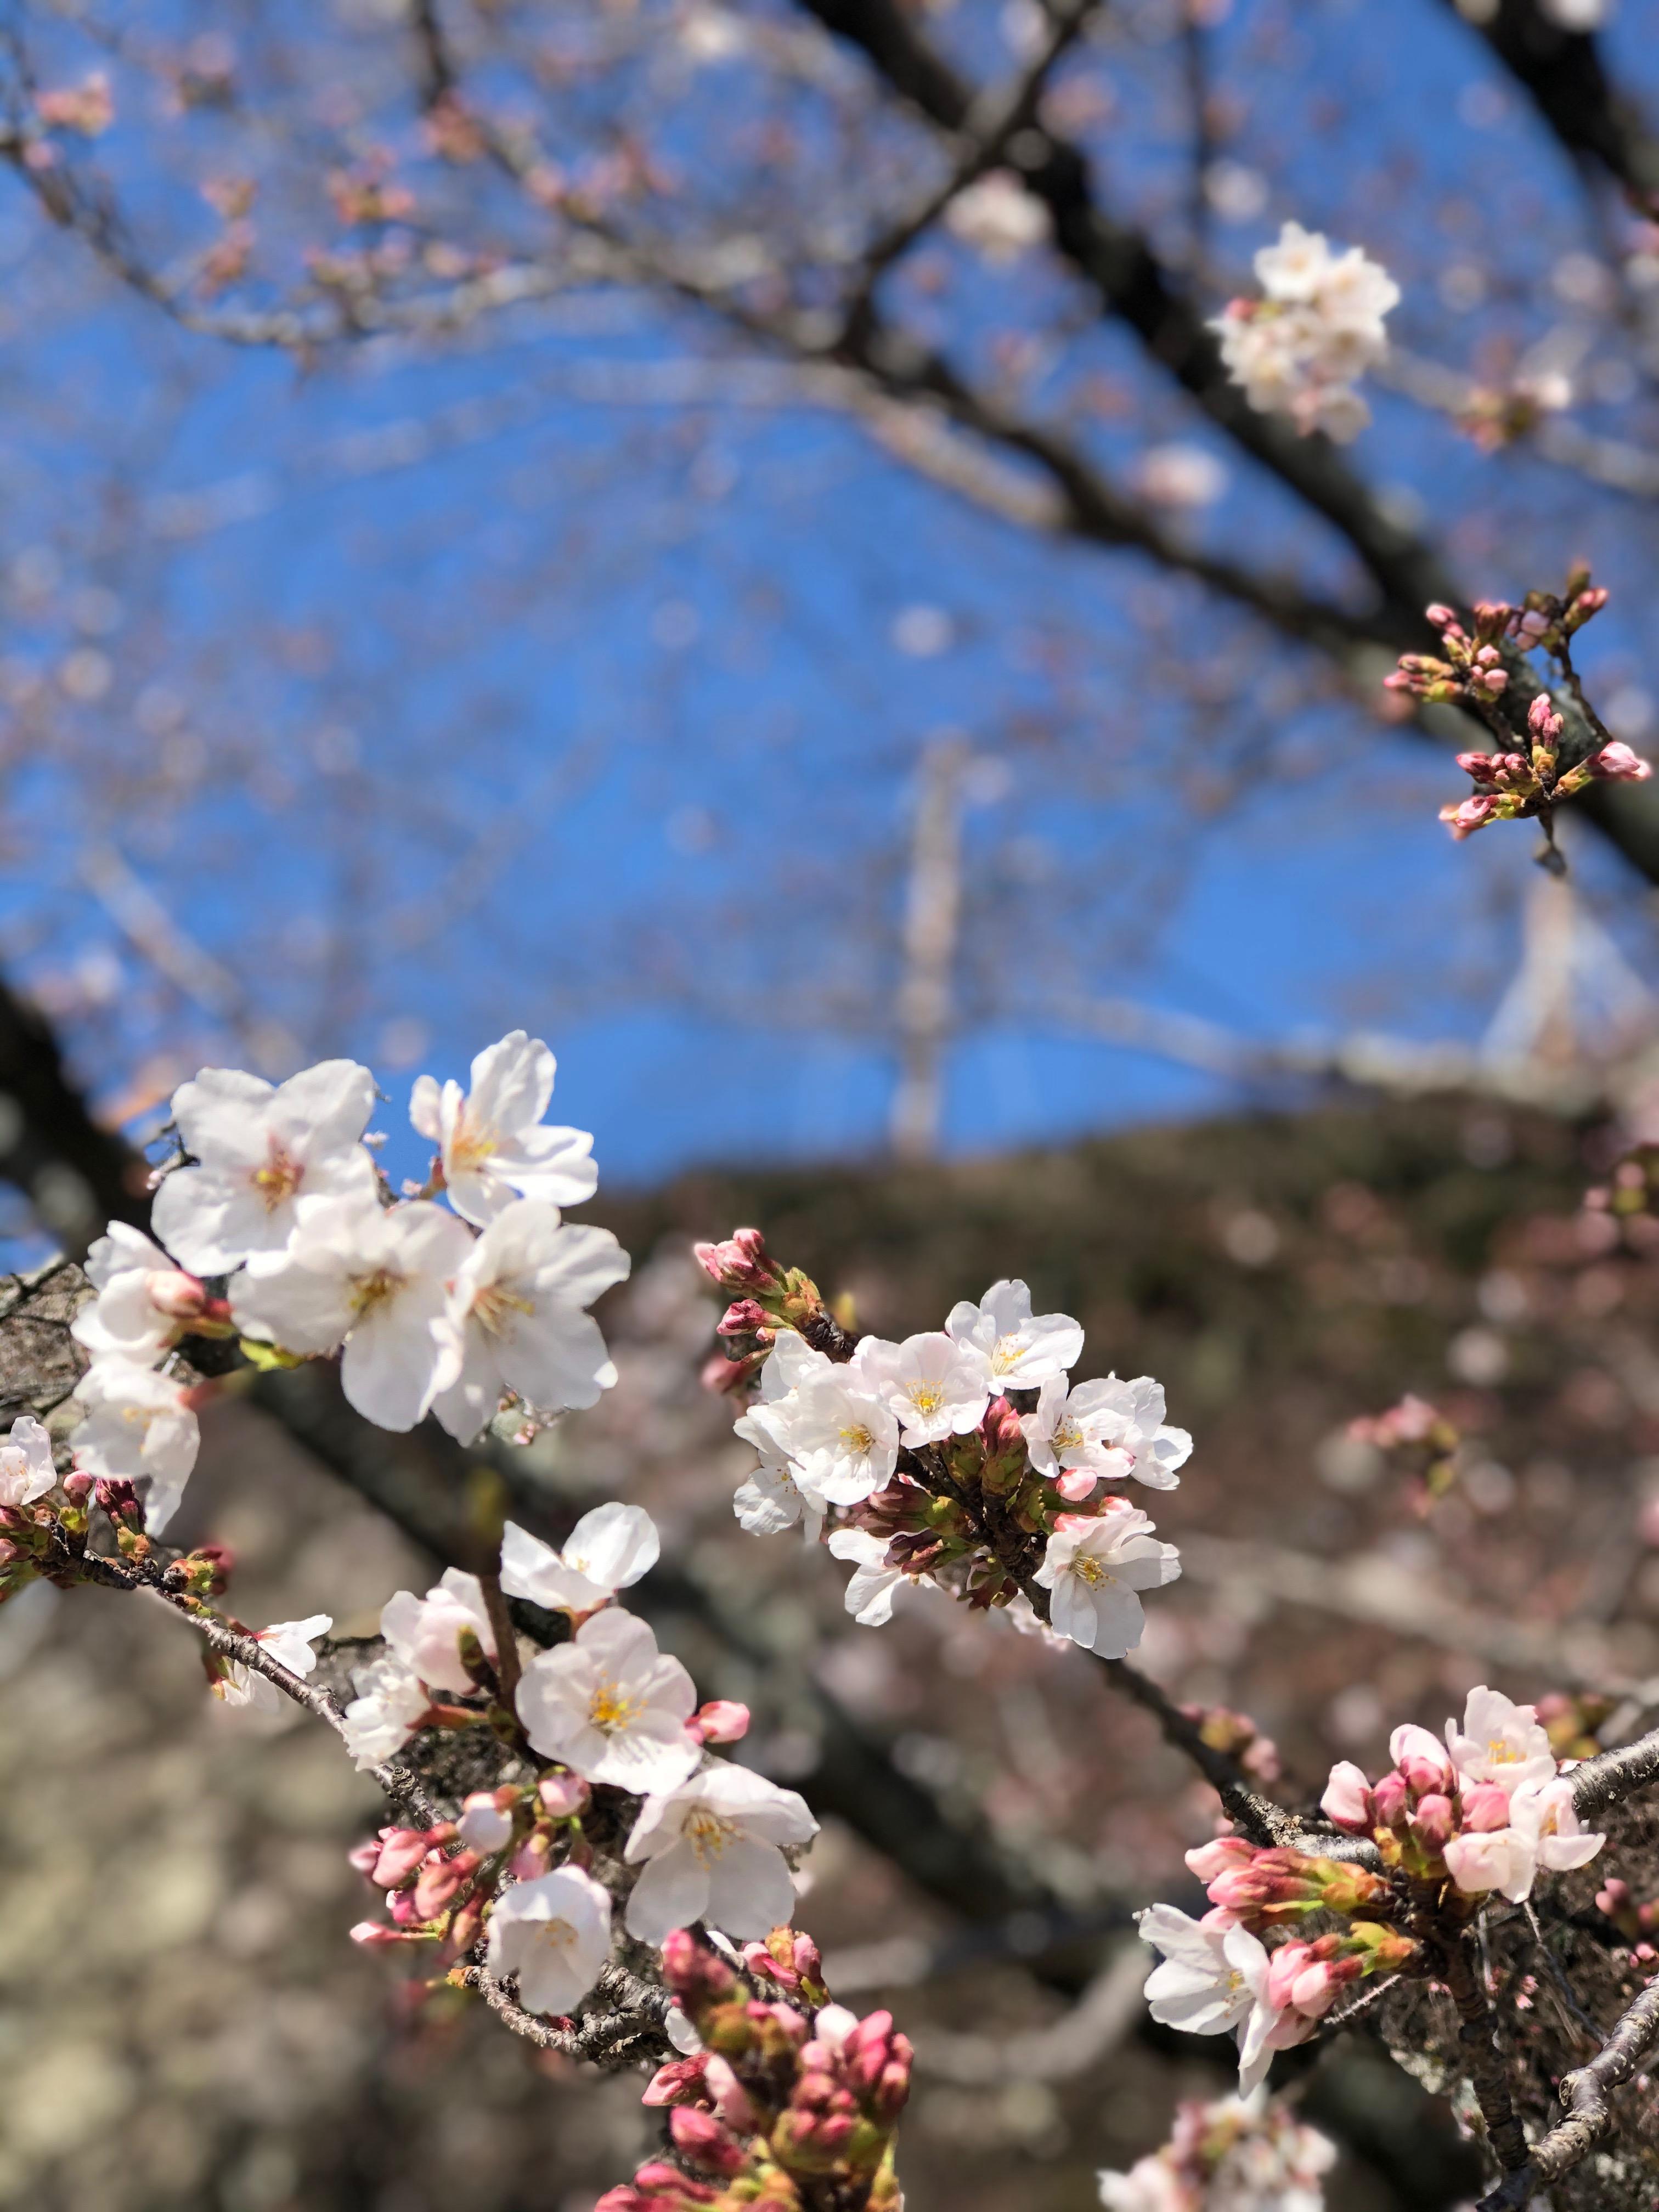 桜開花状況【令和2年3月26日現在】